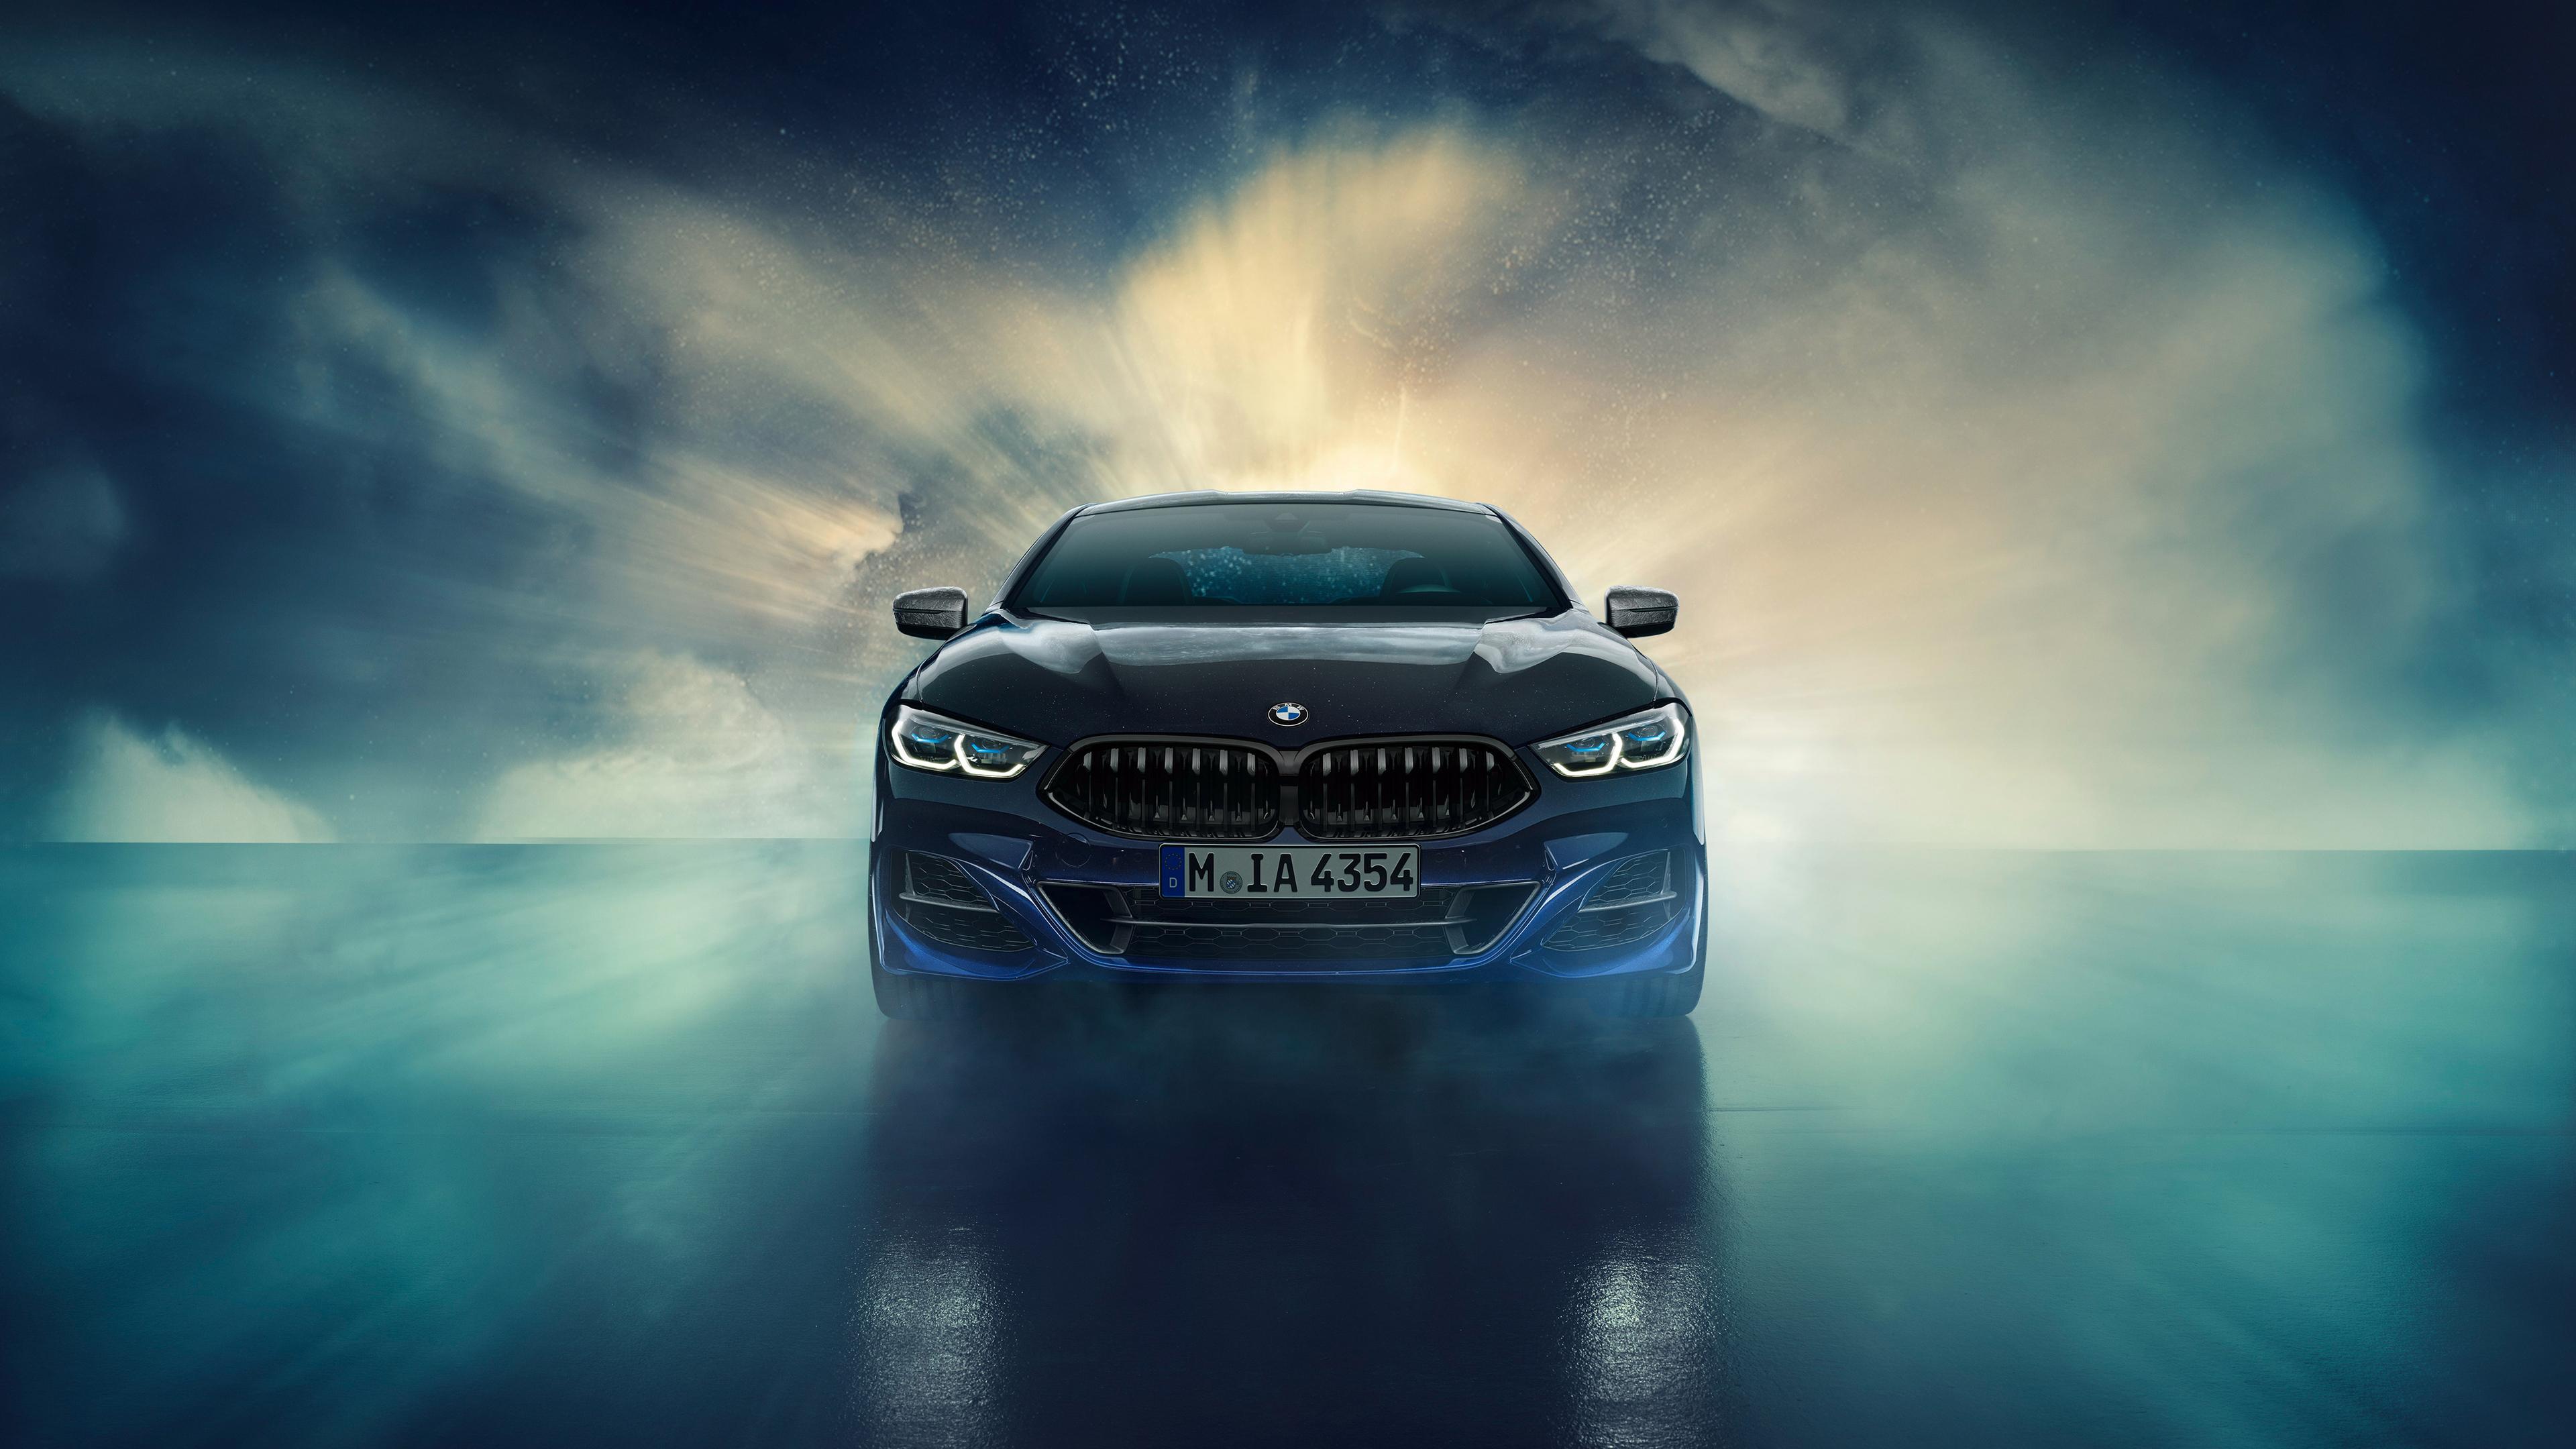 bmw individual m850i xdrive night sky 2019 4k 1547936928 - BMW Individual M850i XDrive Night Sky 2019 4k - hd-wallpapers, cars wallpapers, bmw wallpapers, 4k-wallpapers, 2019 cars wallpapers